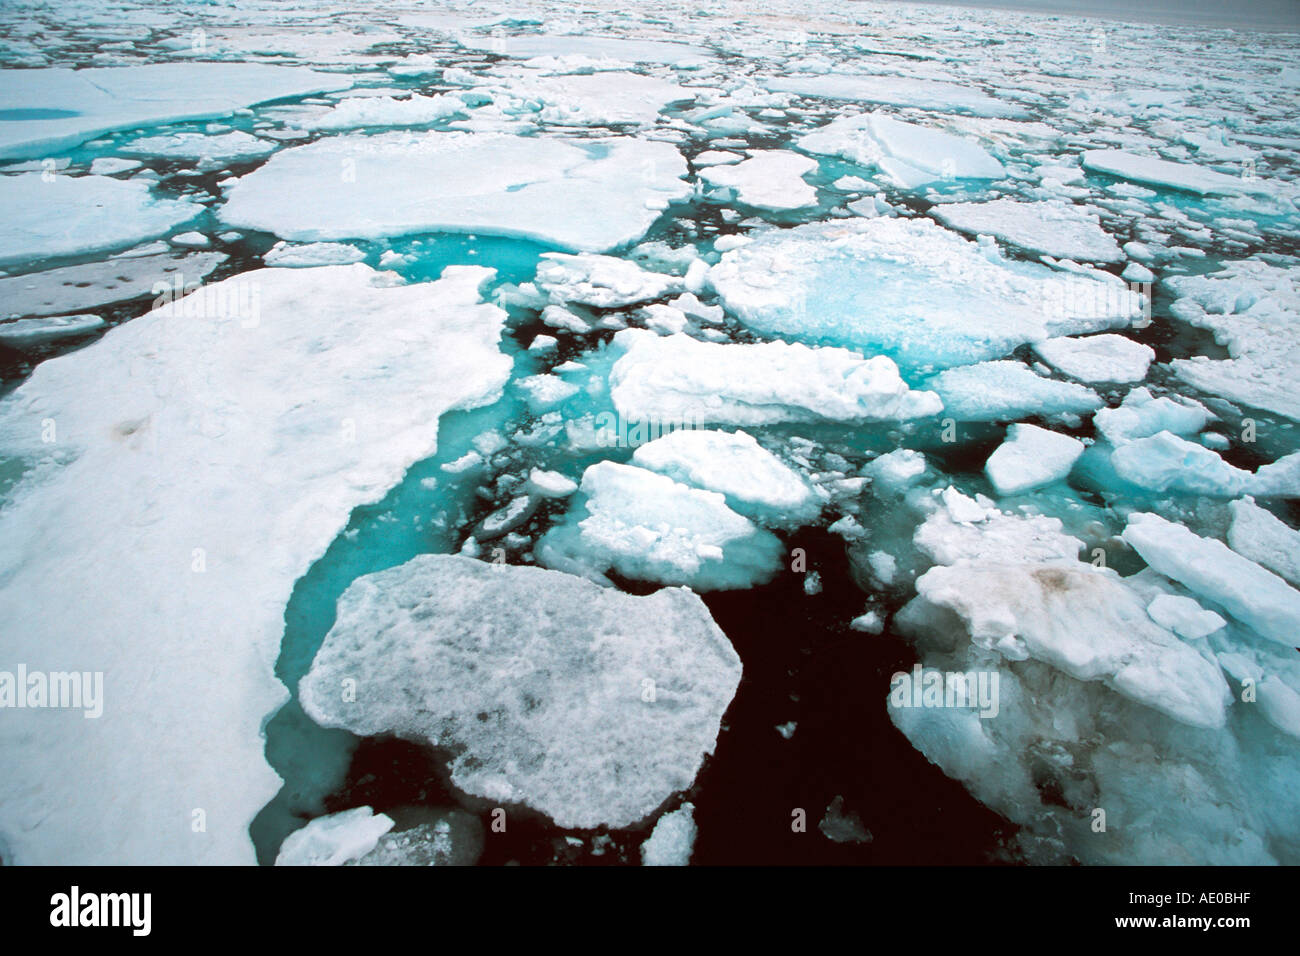 Deriva pack di Ghiaccio Ghiaccio Ghiaccio campo oceano actic Treibeis Packeis Eisfeld Arktis Ozean Svalbard Spitzbergen Immagini Stock